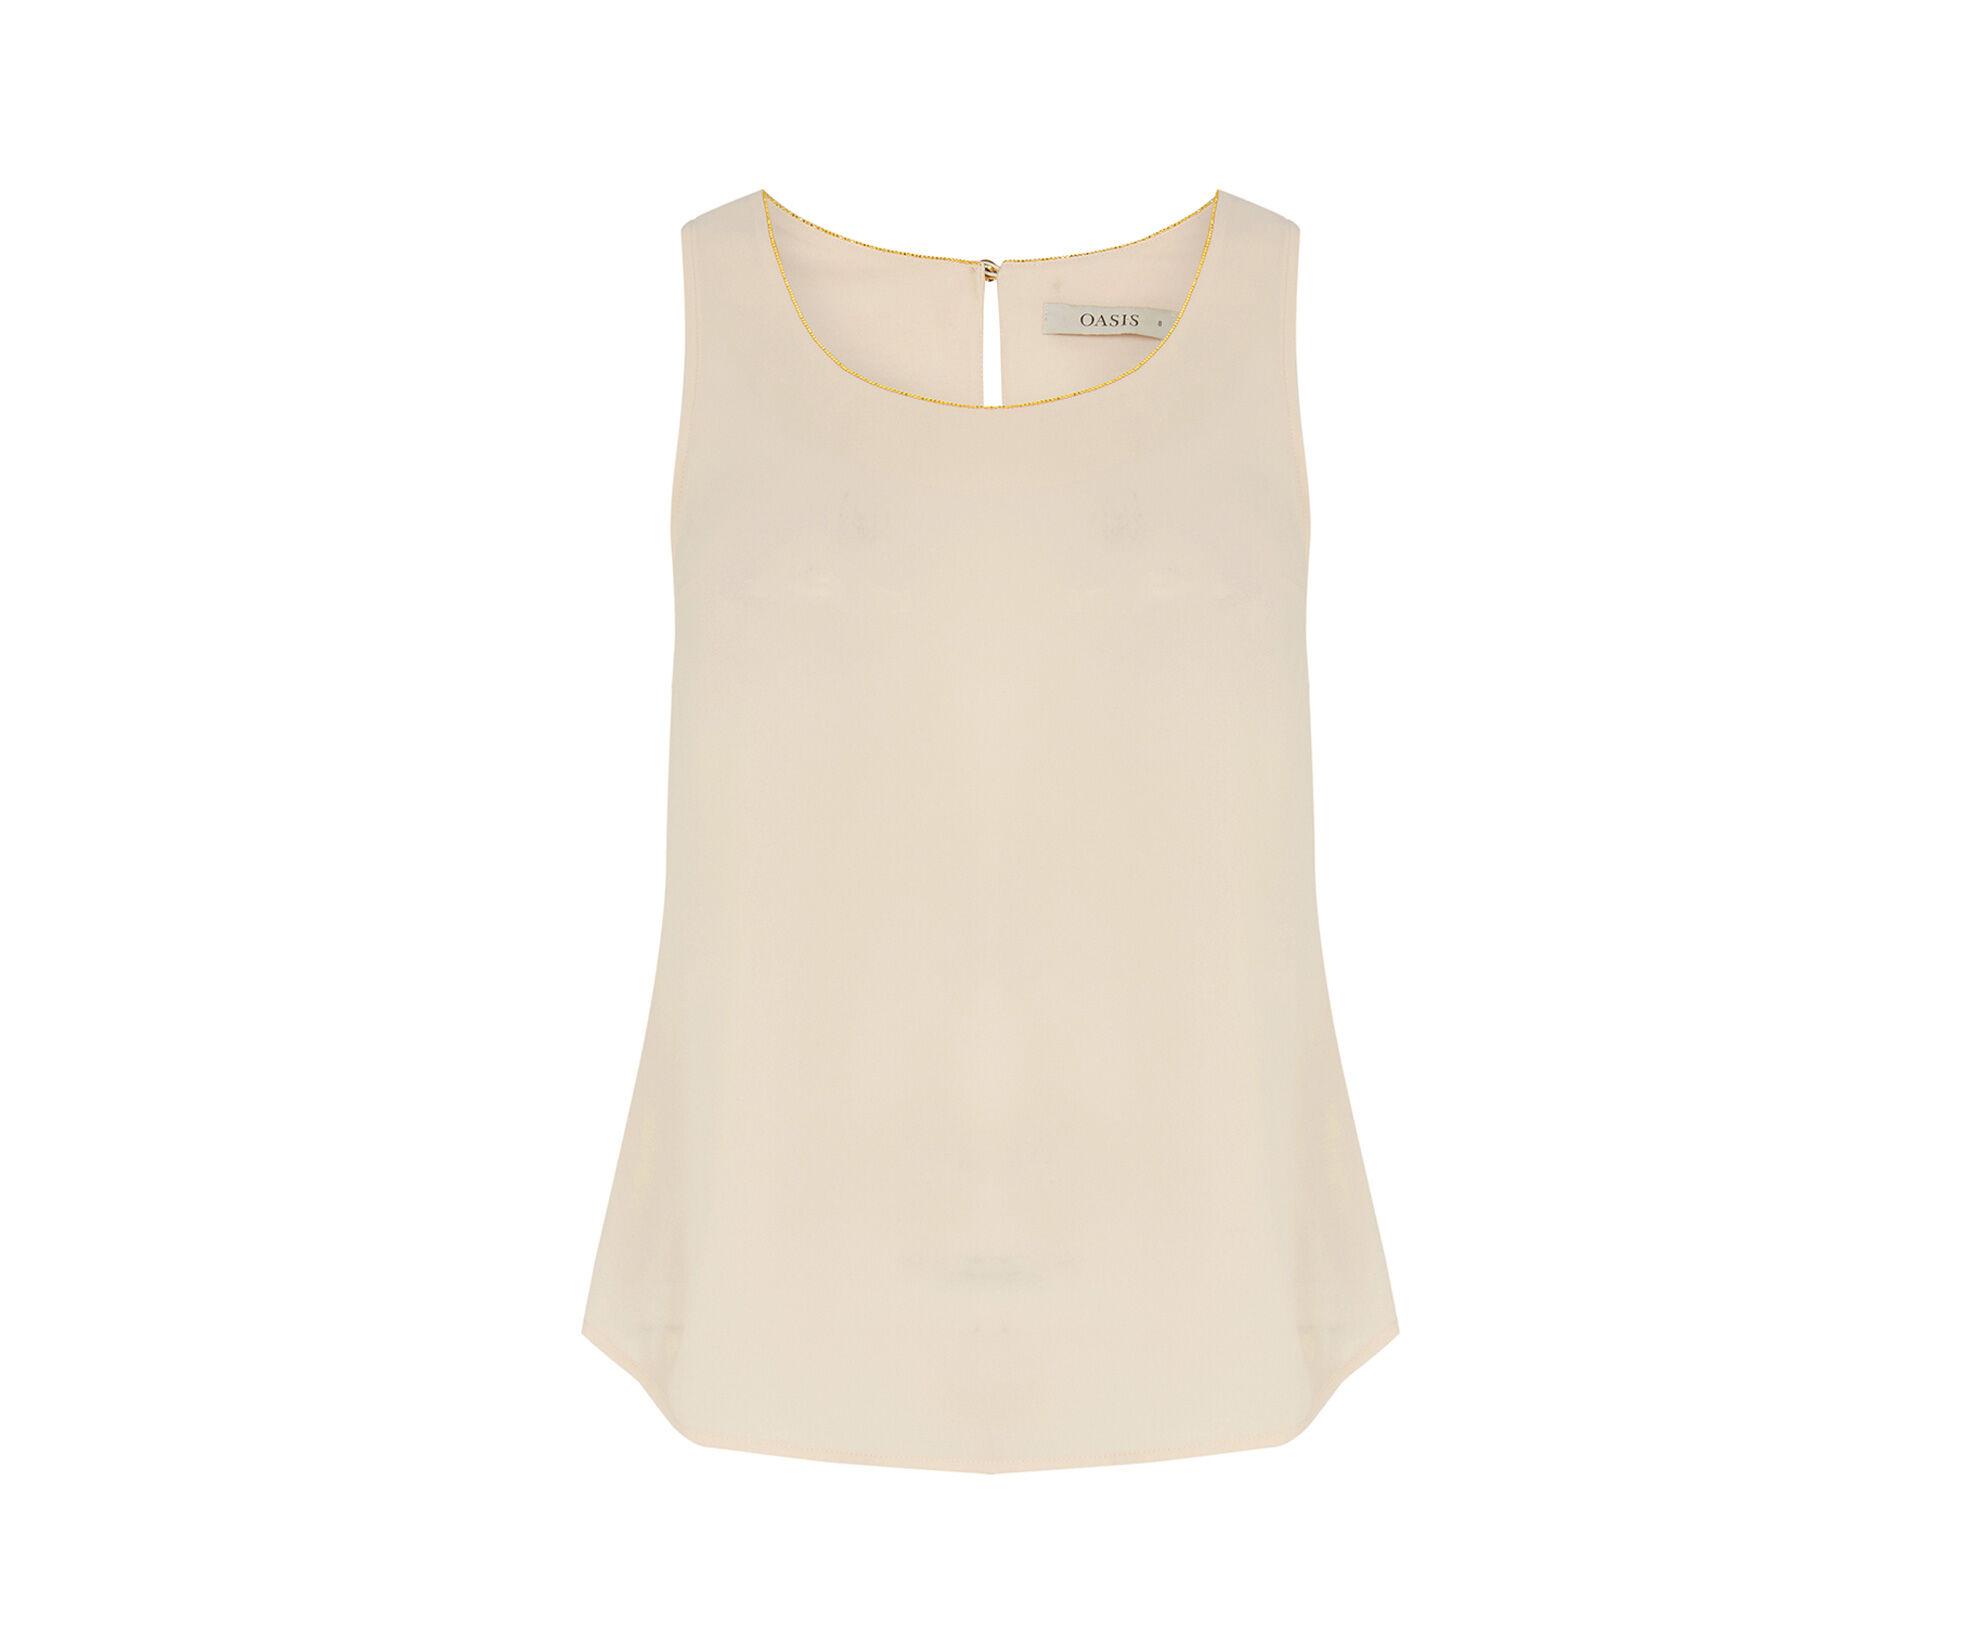 Oasis, Embellished Trim Vest Light Neutral 0